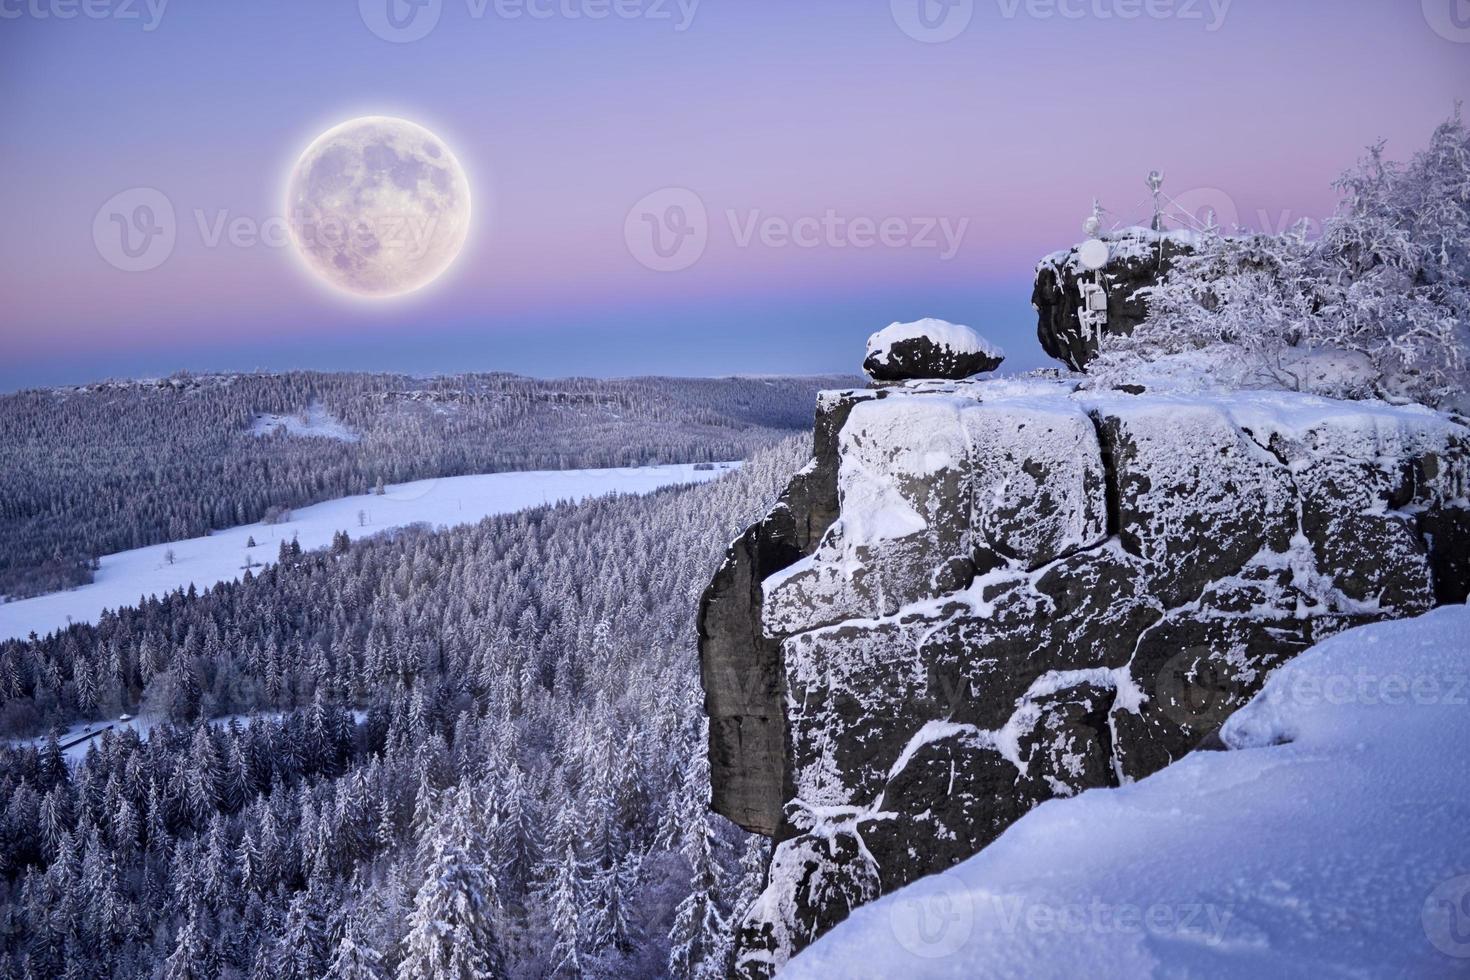 luna llena en las montañas de invierno. foto